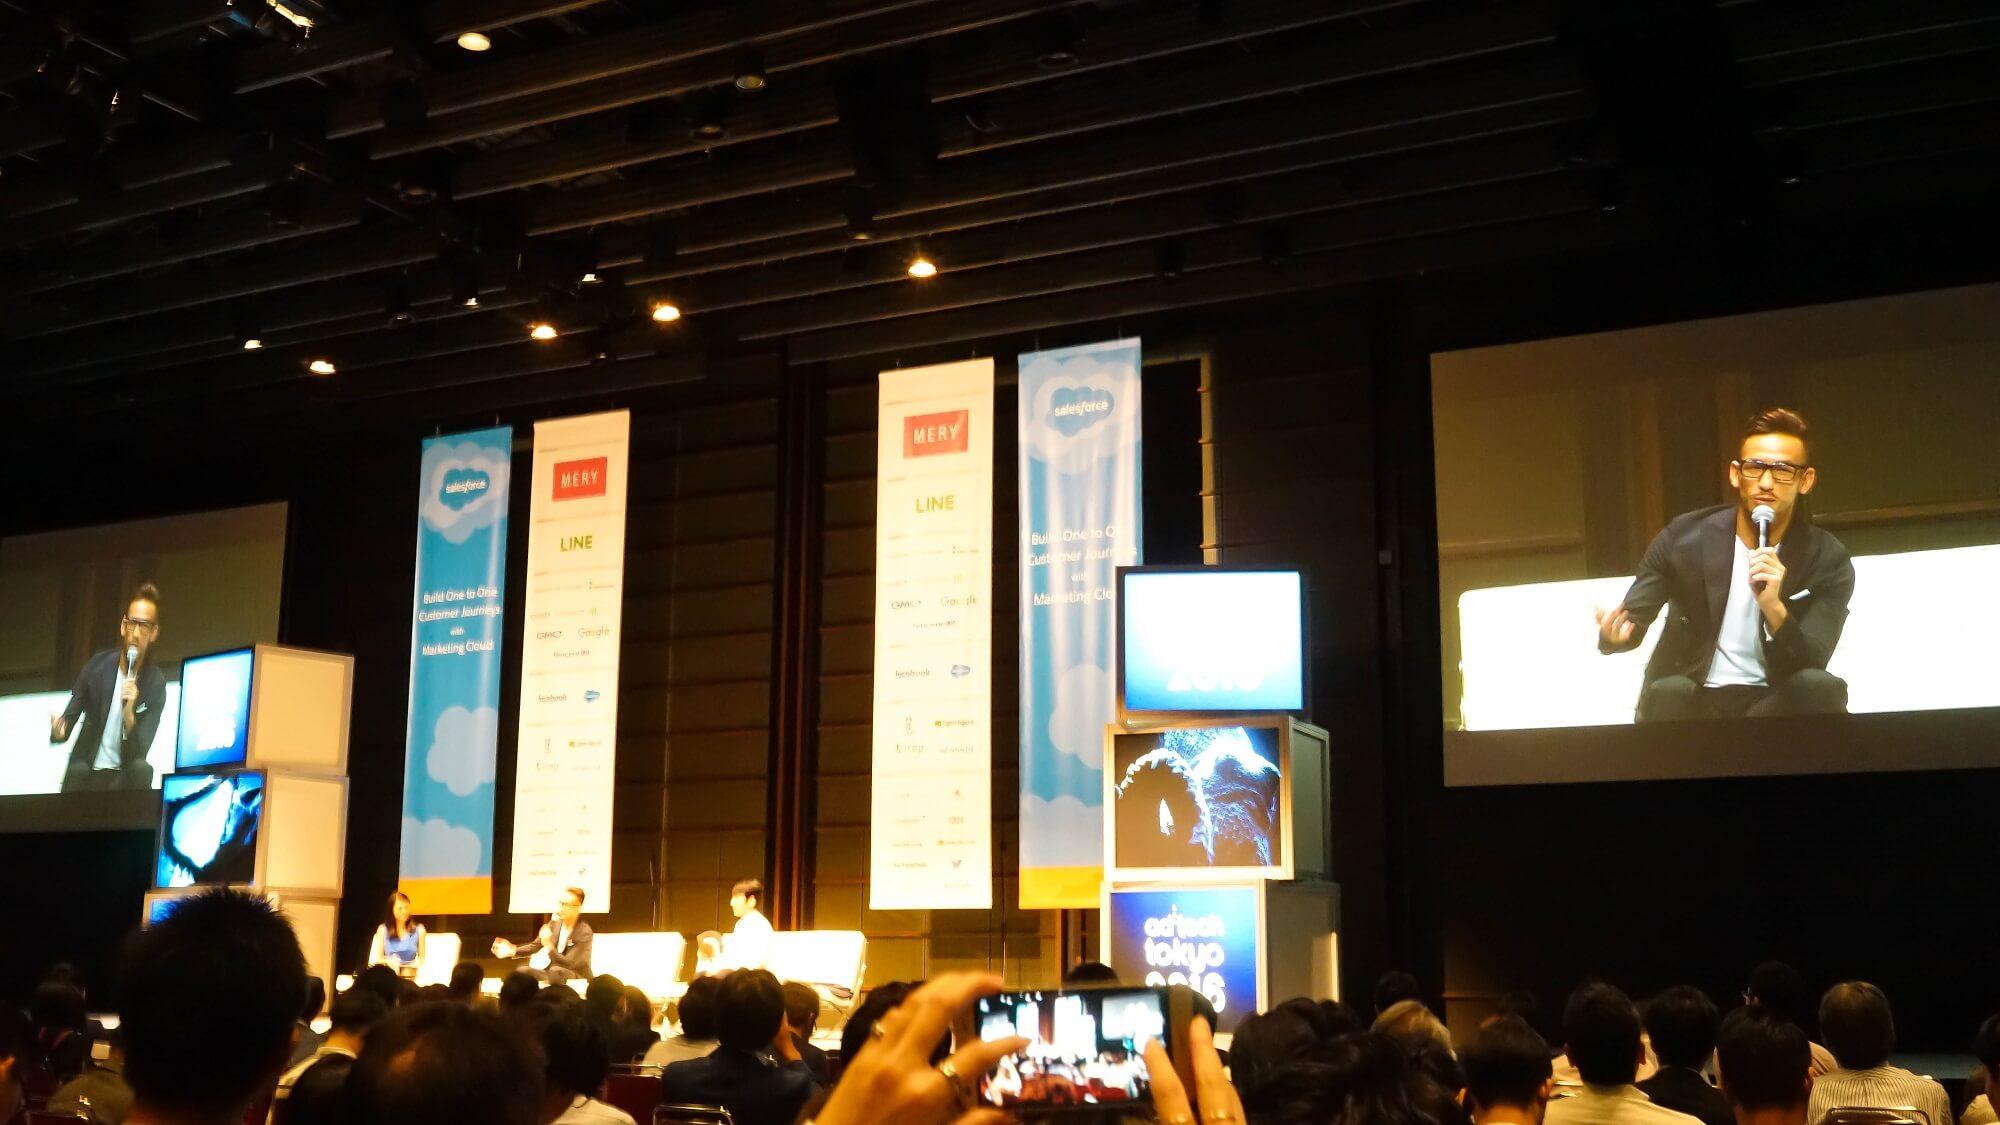 アドテック東京2016中田英寿とGMO熊谷正寿「世界から必要とされるには?これからの日本プロダクトに必要な力」